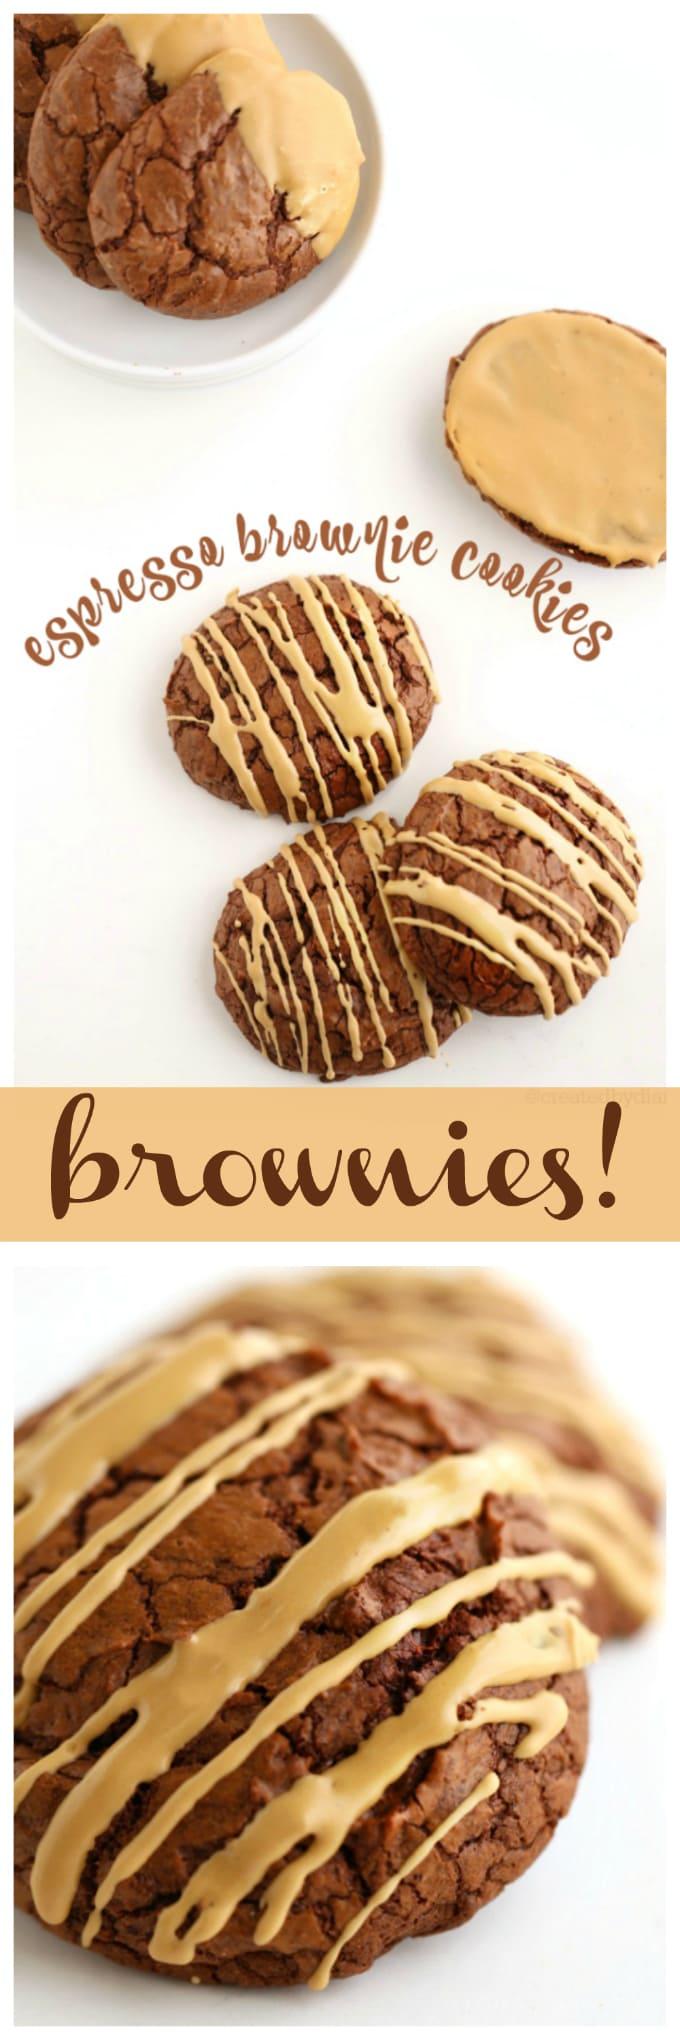 espresso brownie cookies with espresso glaze icing @createdbydiane